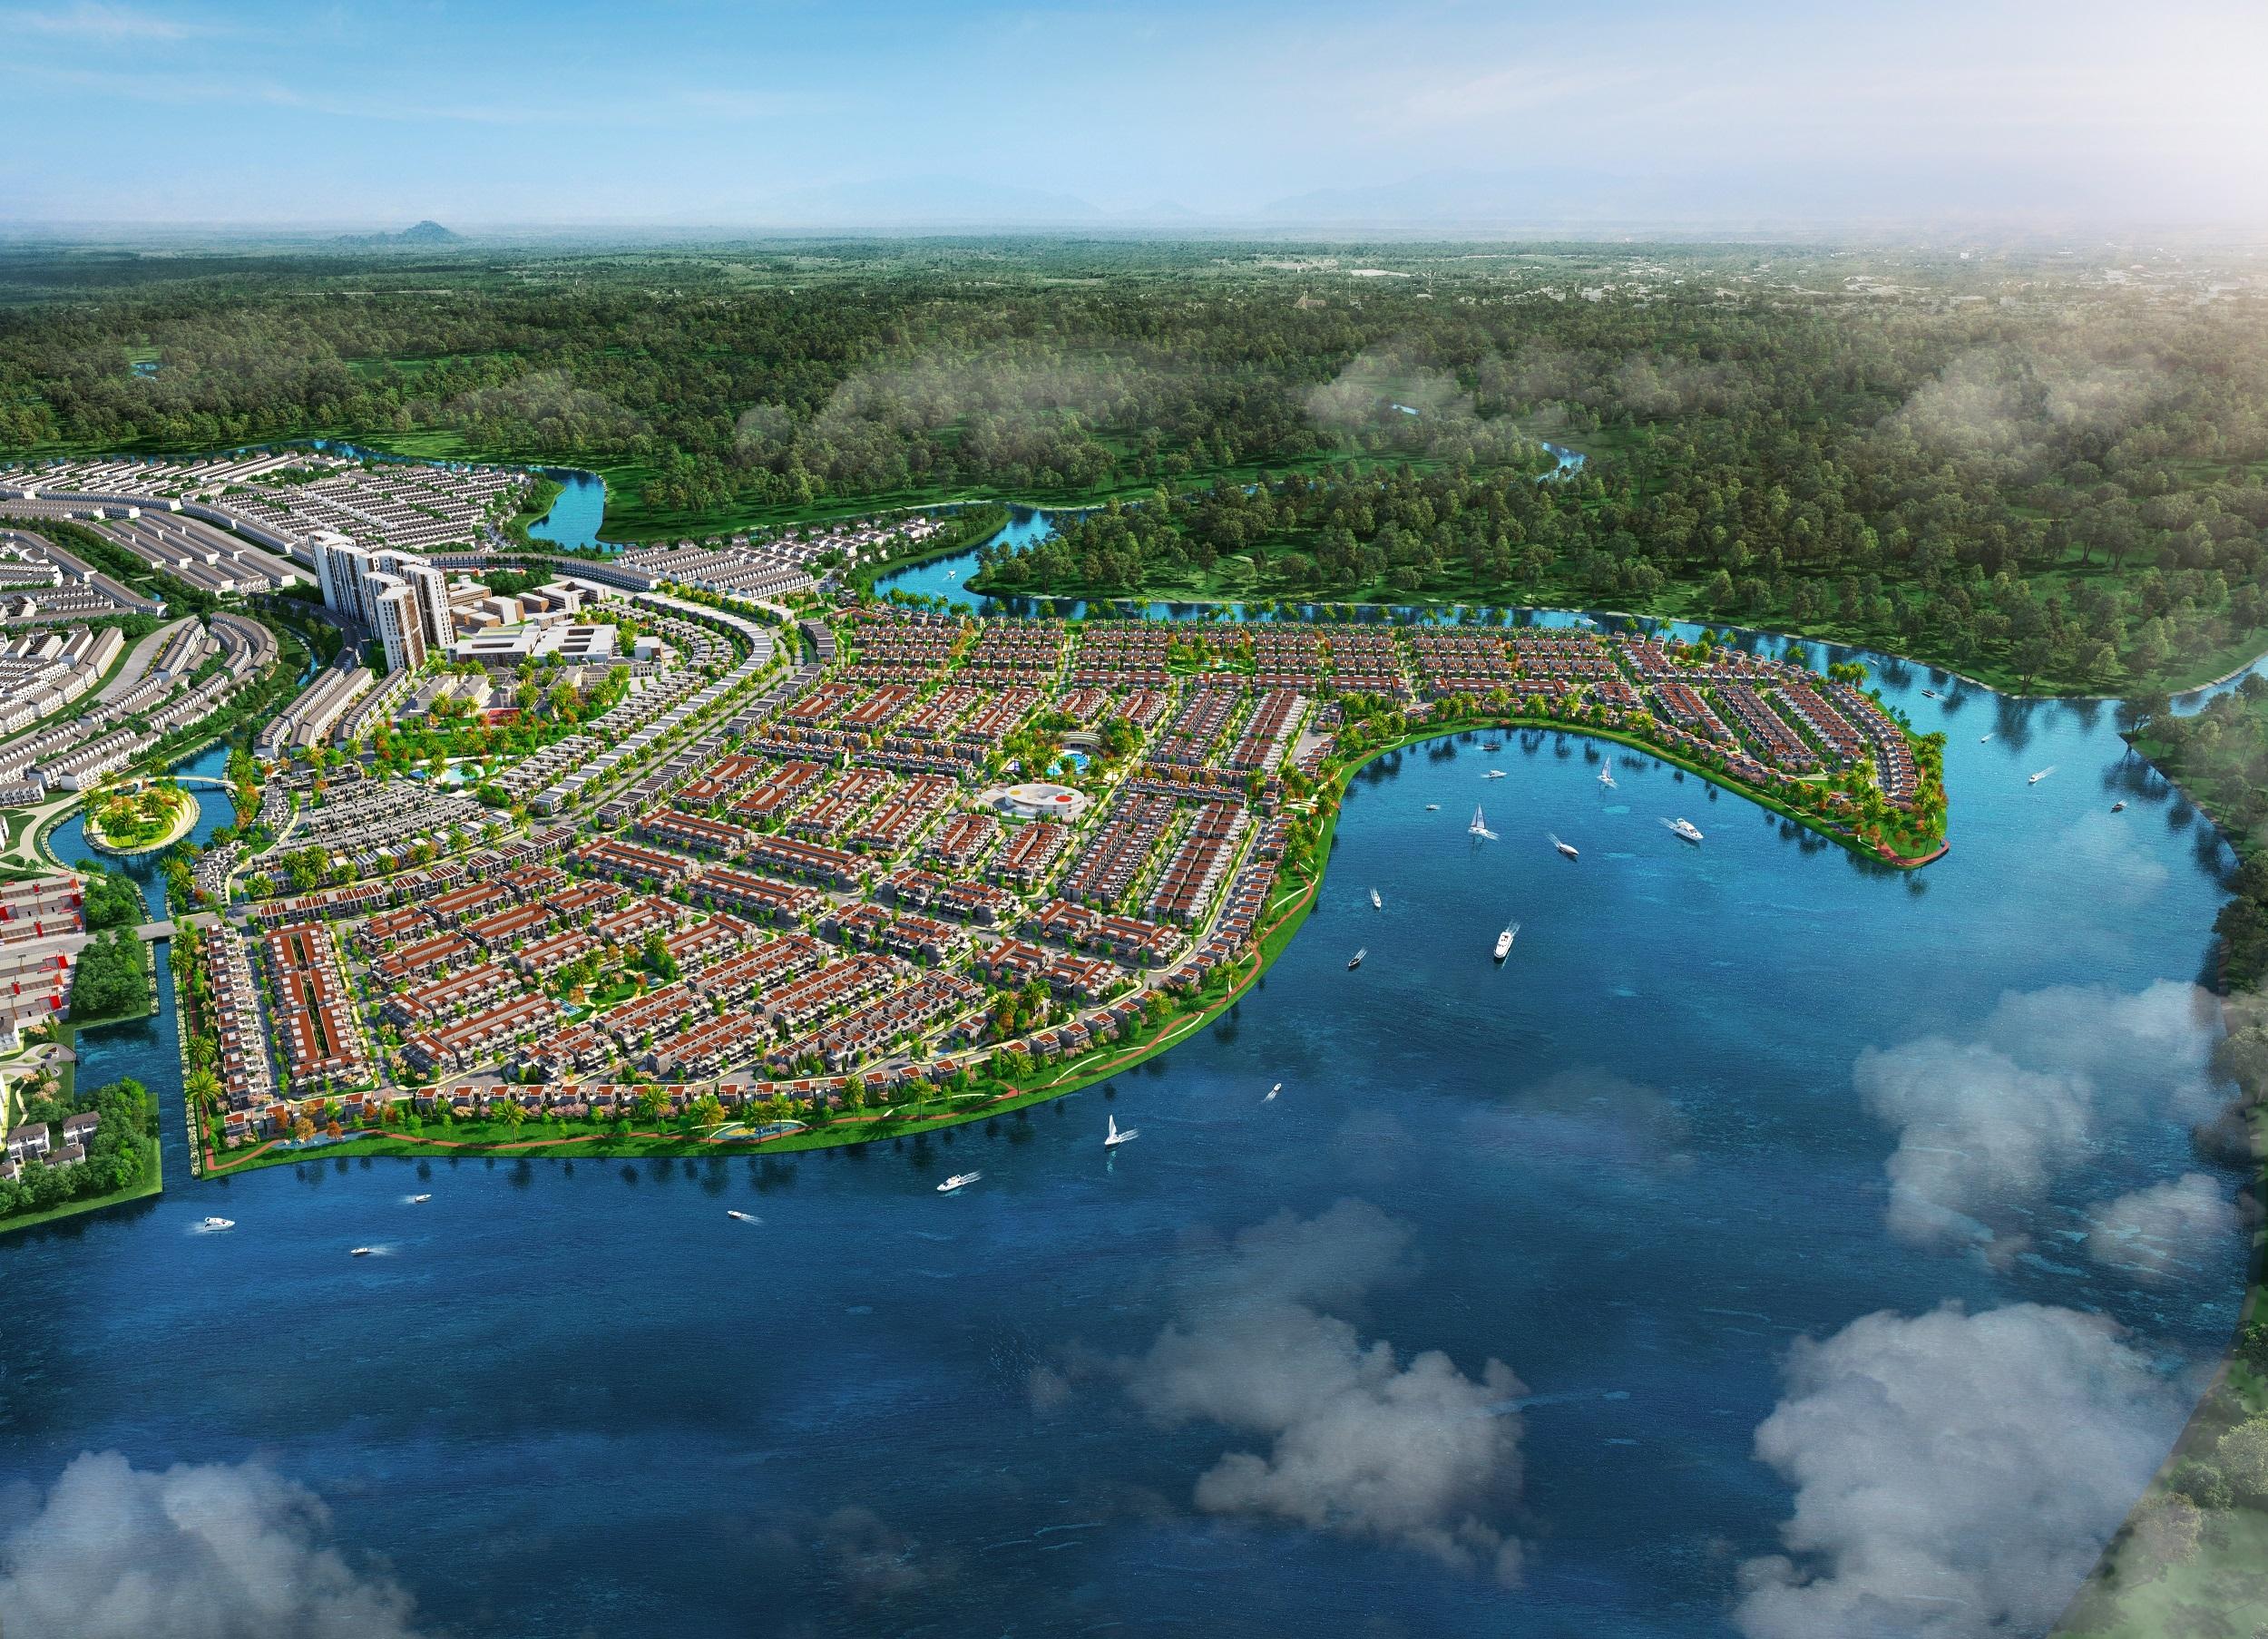 Aqua City tiếp tục tăng sức hút nhờ đảm bảo tiến độ và tiềm năng sinh lời